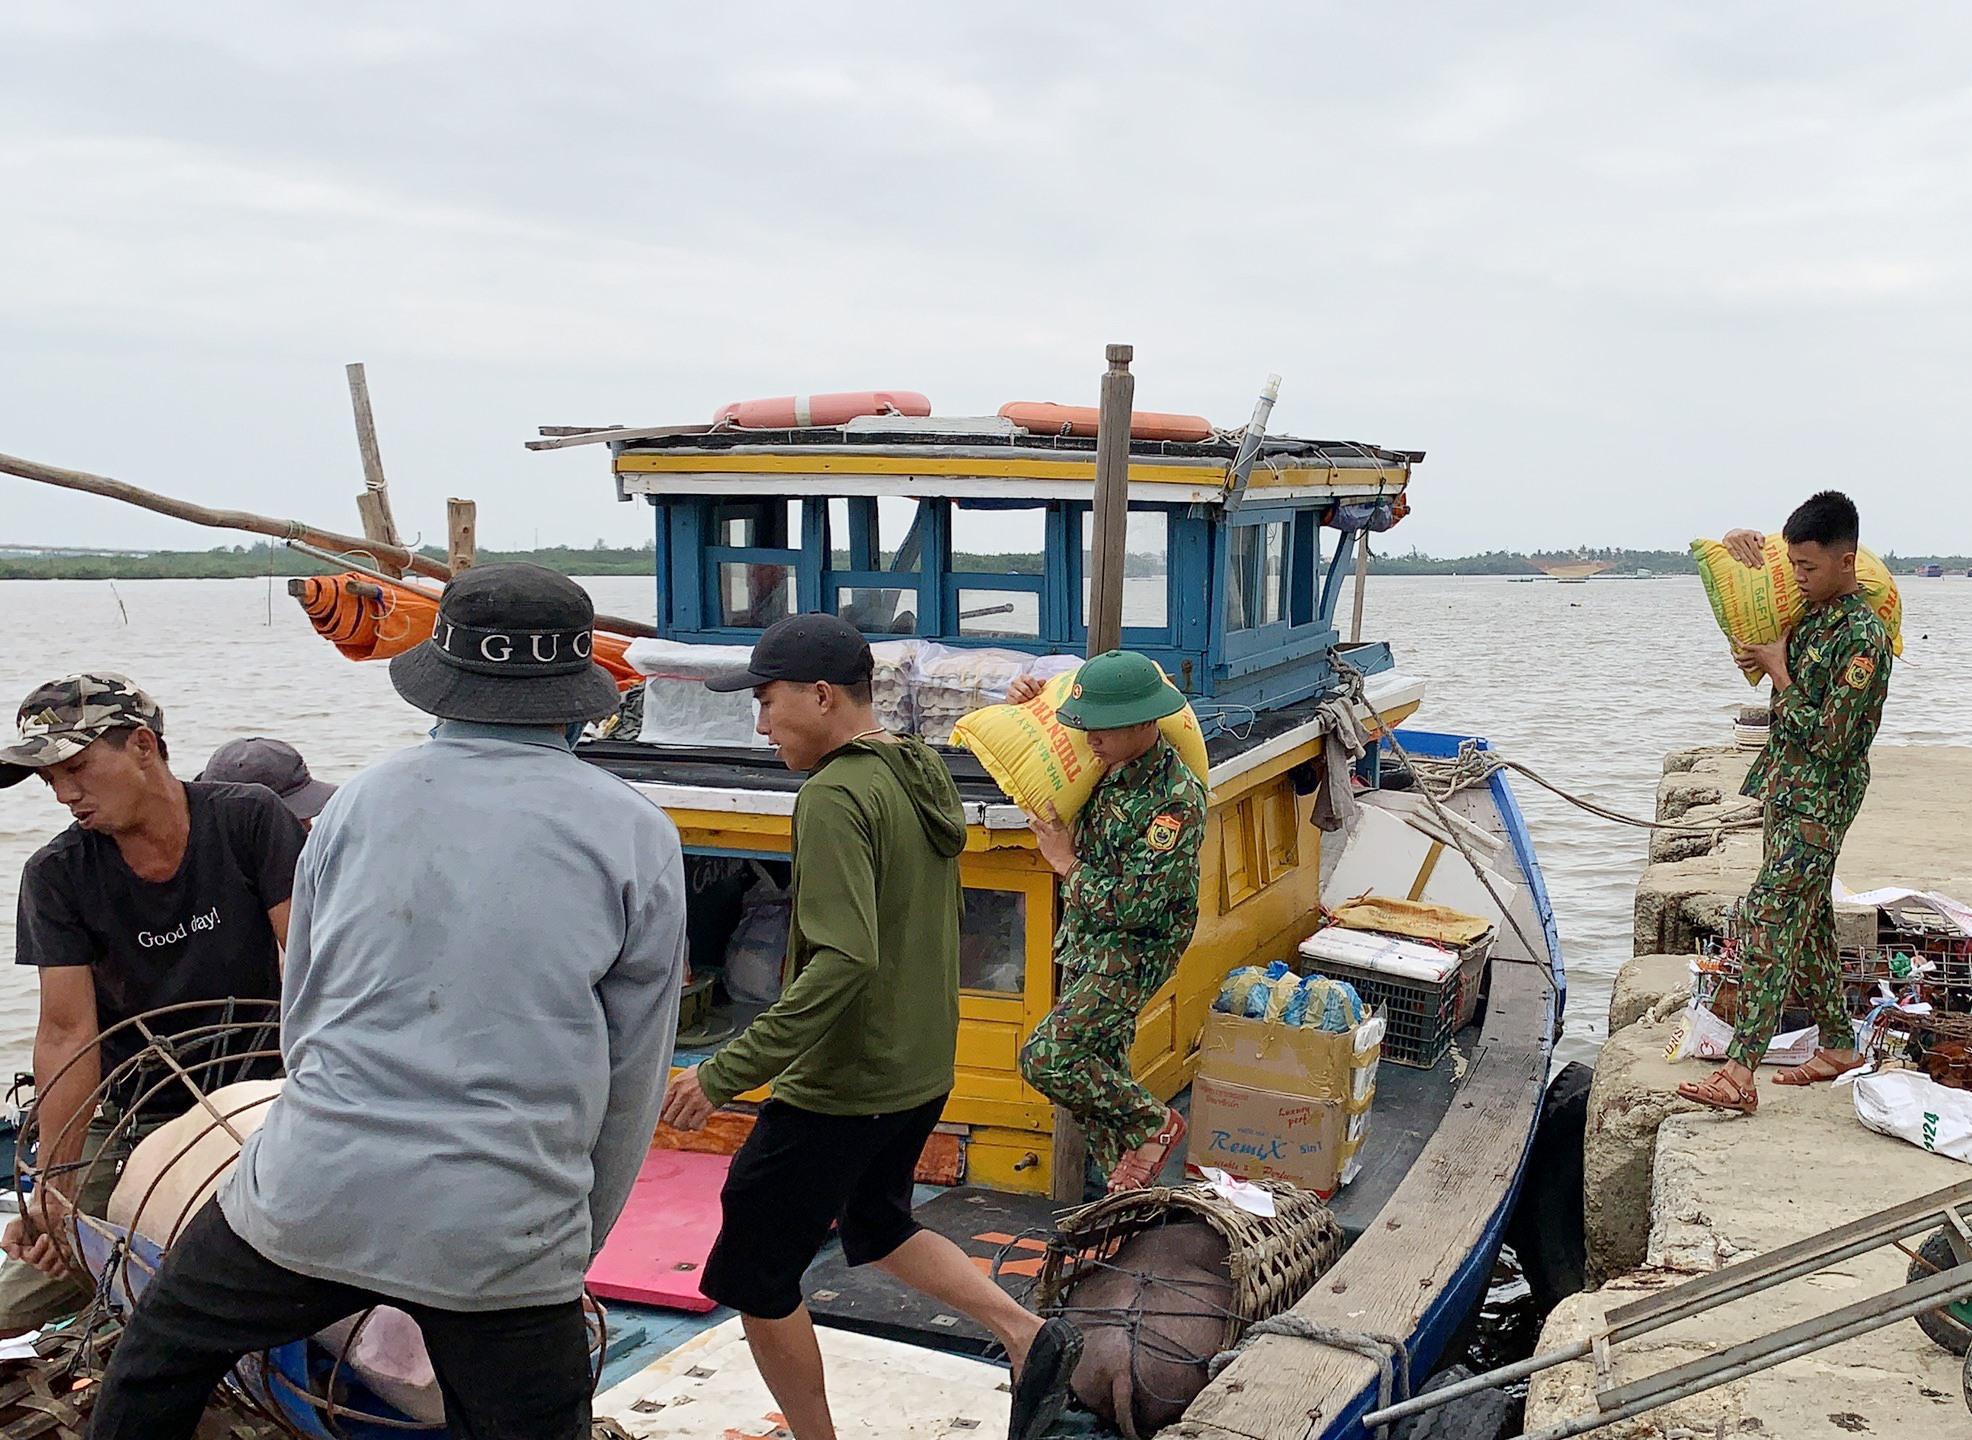 Giúp dân vận chuyển lương thực, thực phẩm ra đảo dự trữ trước bão số 9. Ảnh: T.C